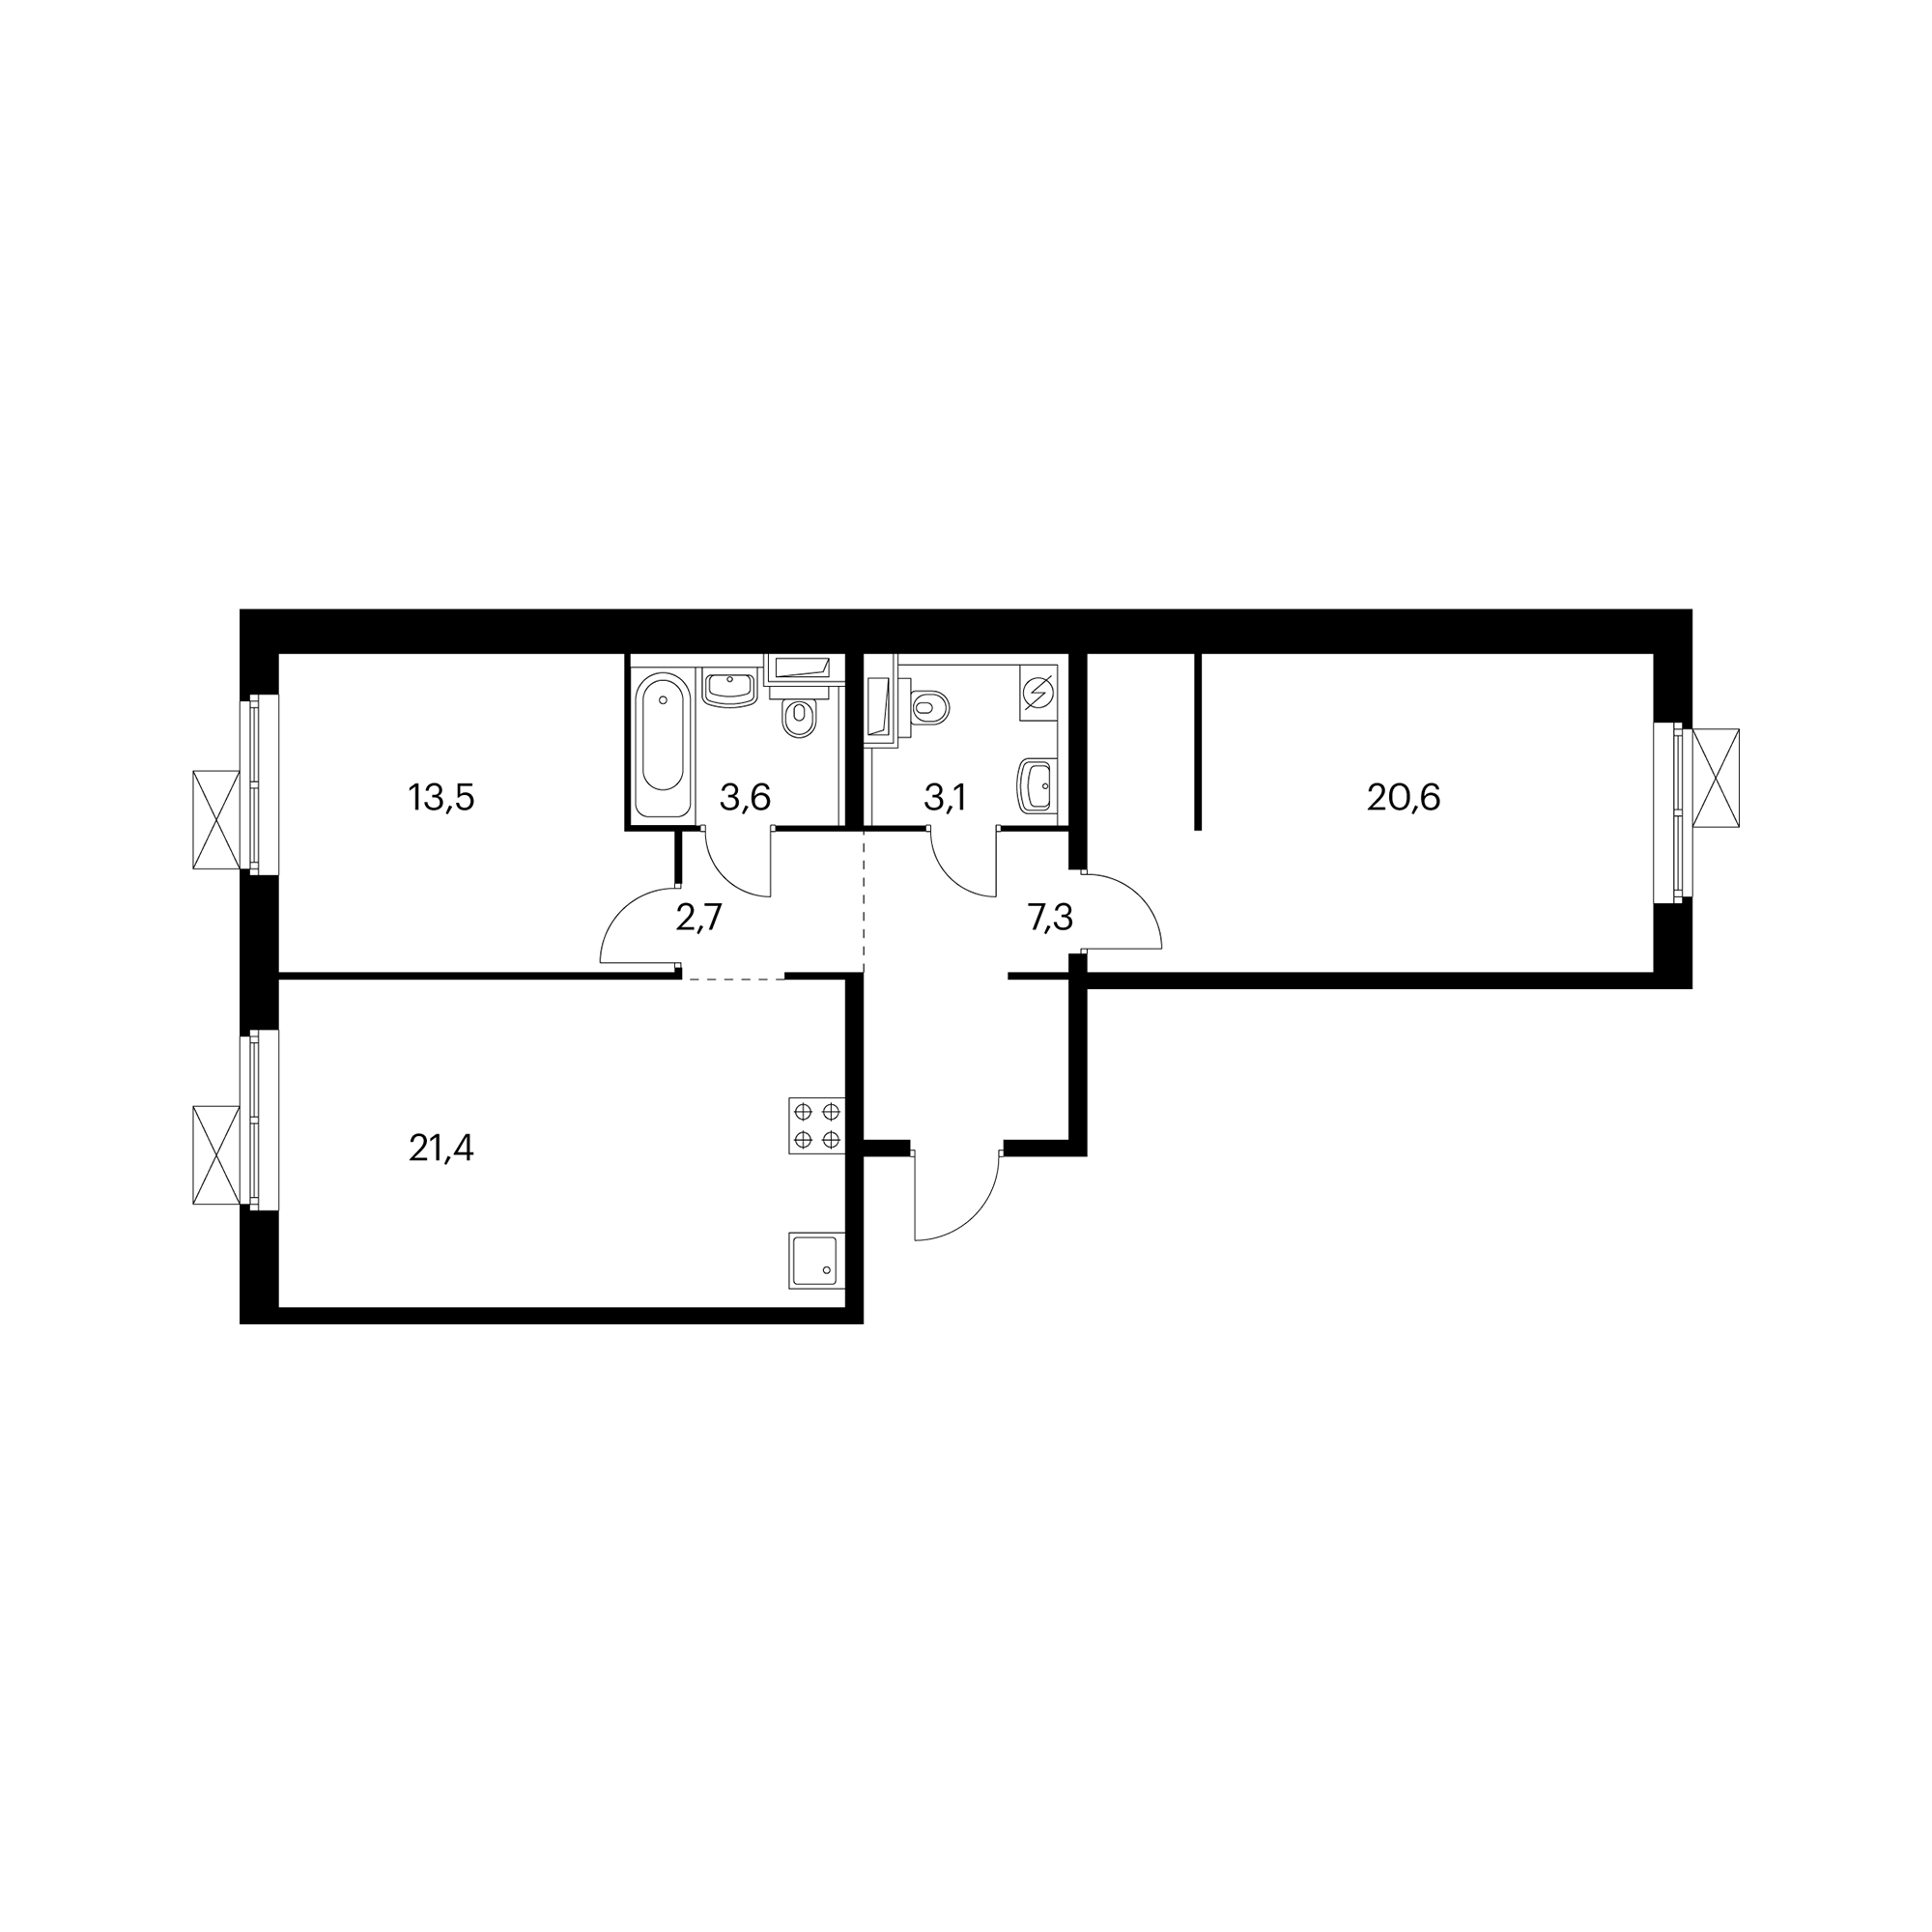 2EL3_7.2-1_S_Z3